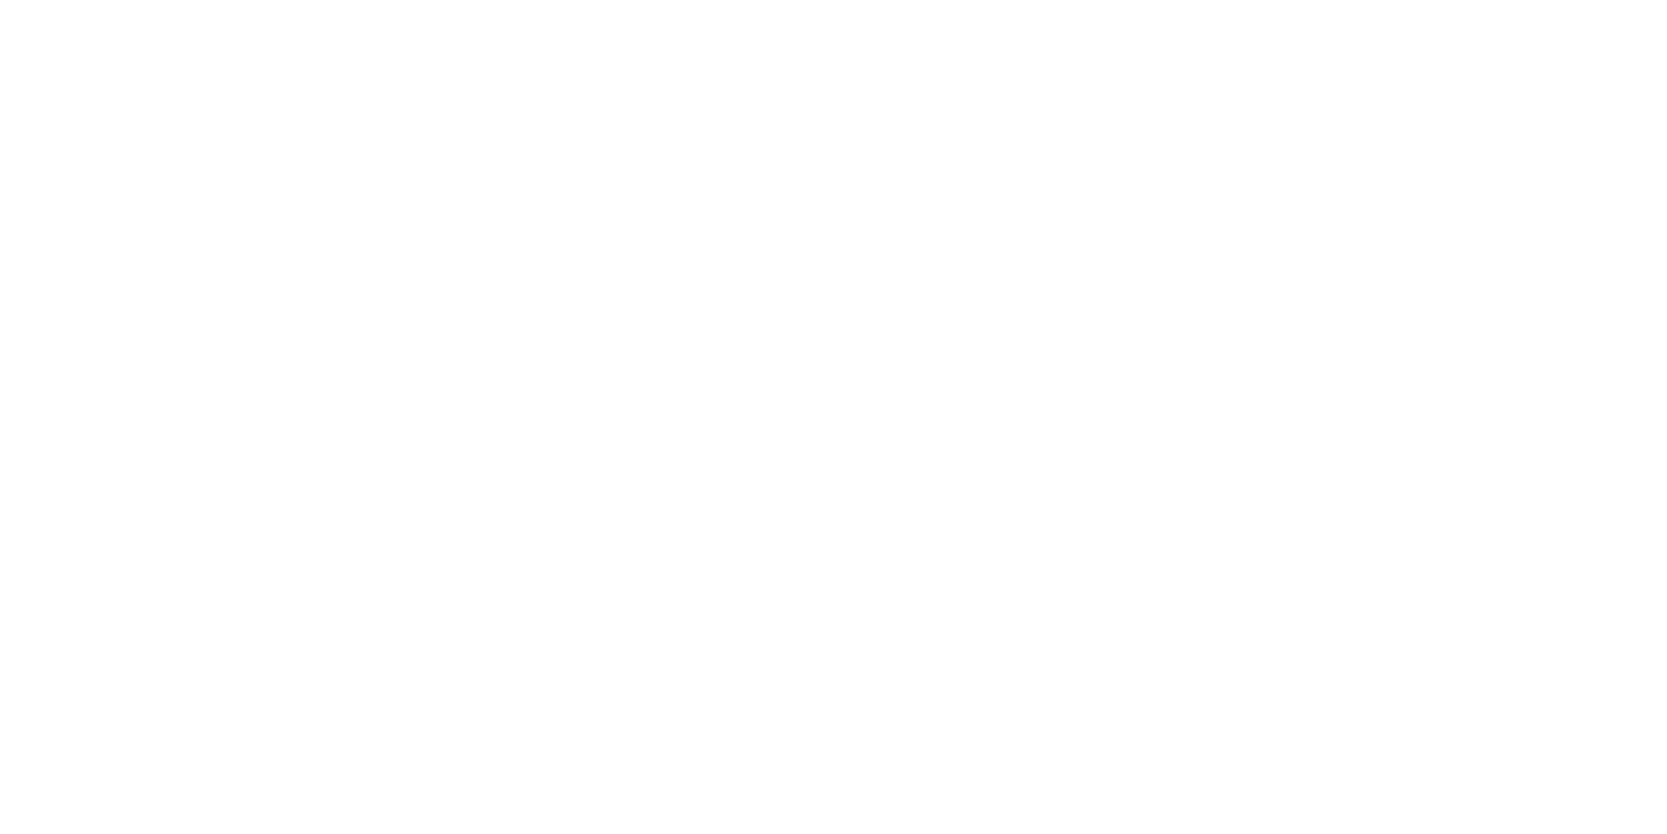 Client_logos_white-11